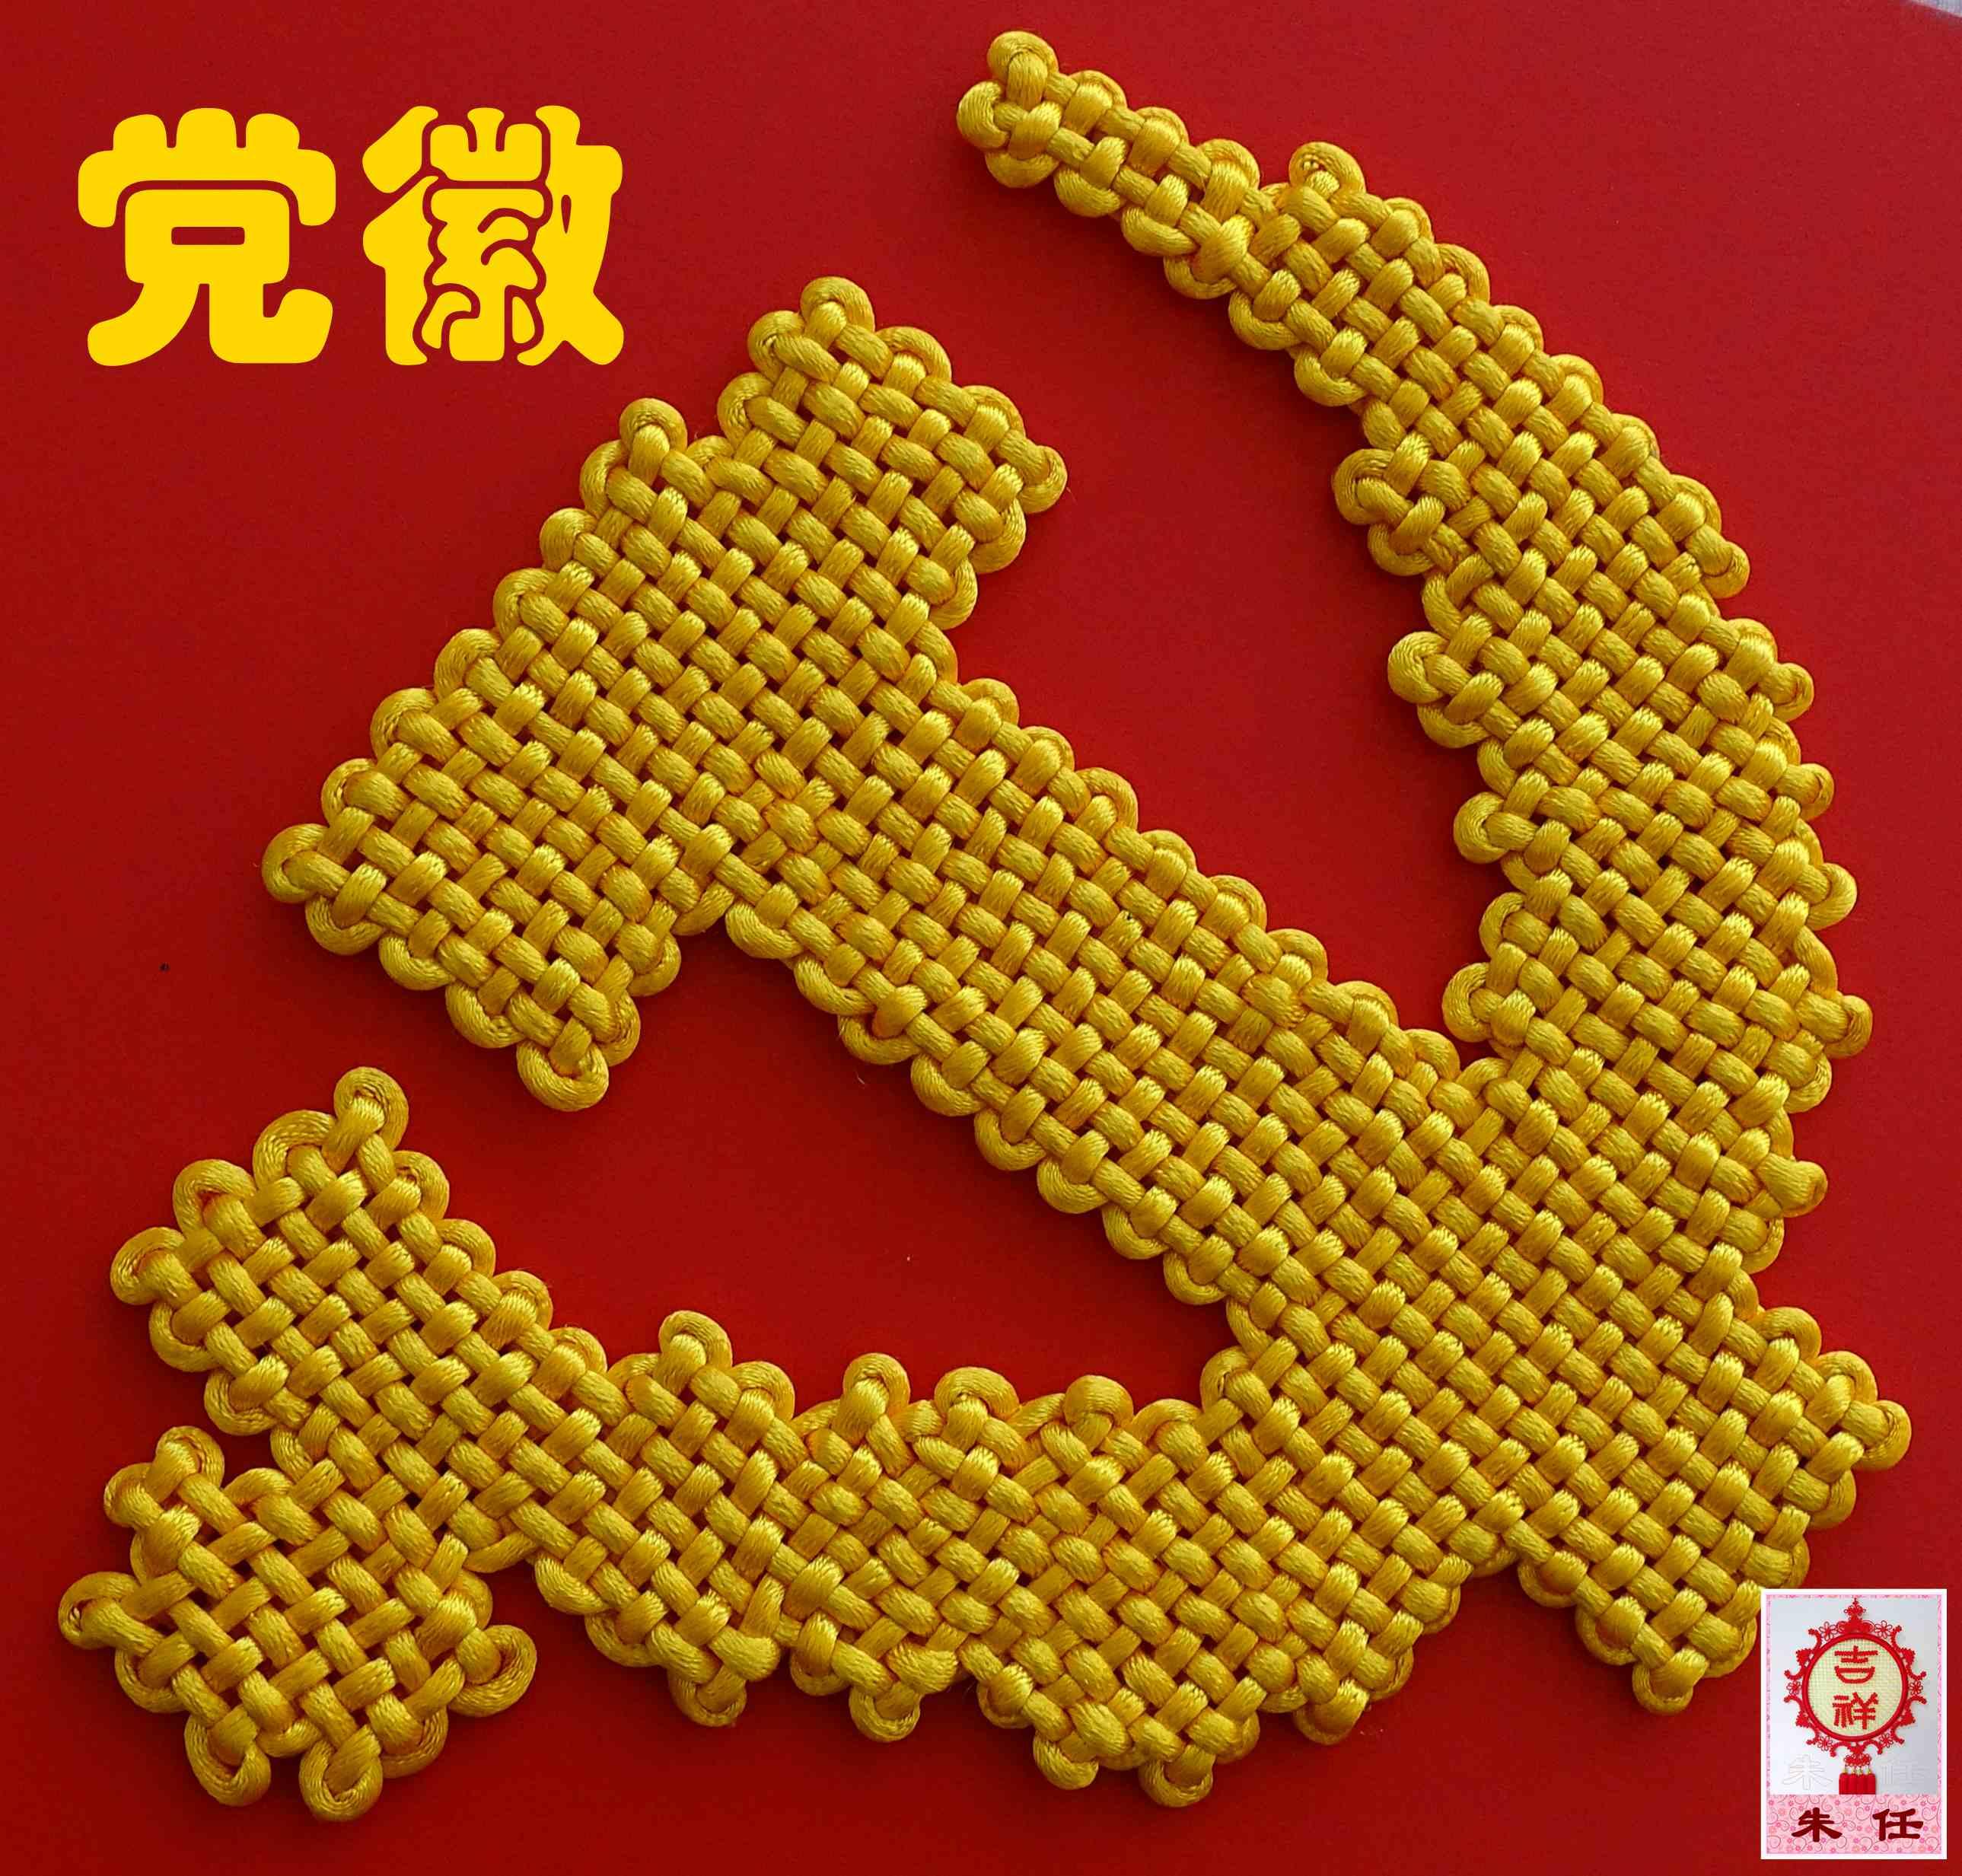 中国结论坛 党徽  作品展示 105501feh1hodhqro5eof9